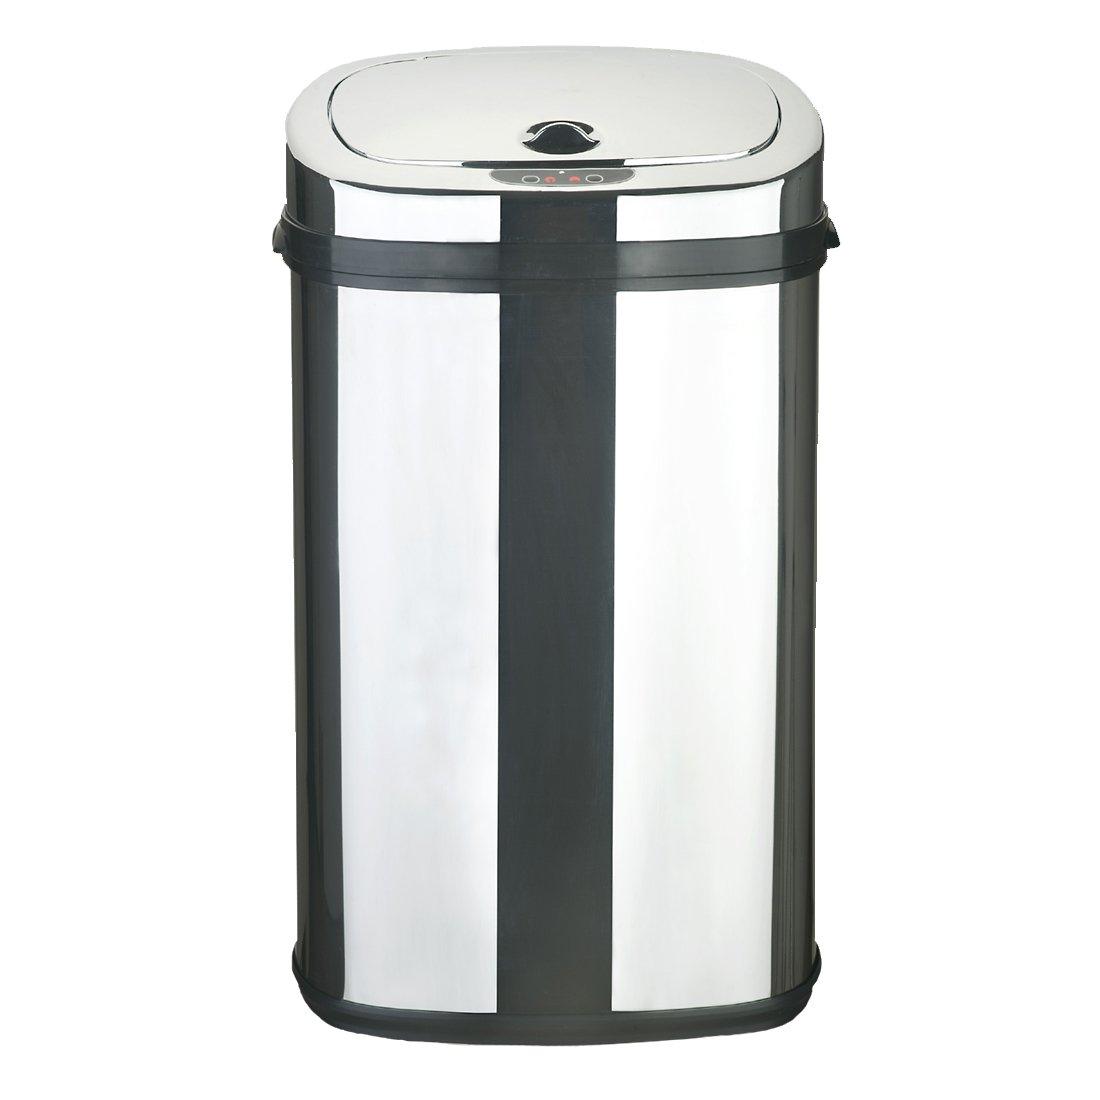 poubelle cuisine pas cher formidable poubelle cuisine. Black Bedroom Furniture Sets. Home Design Ideas